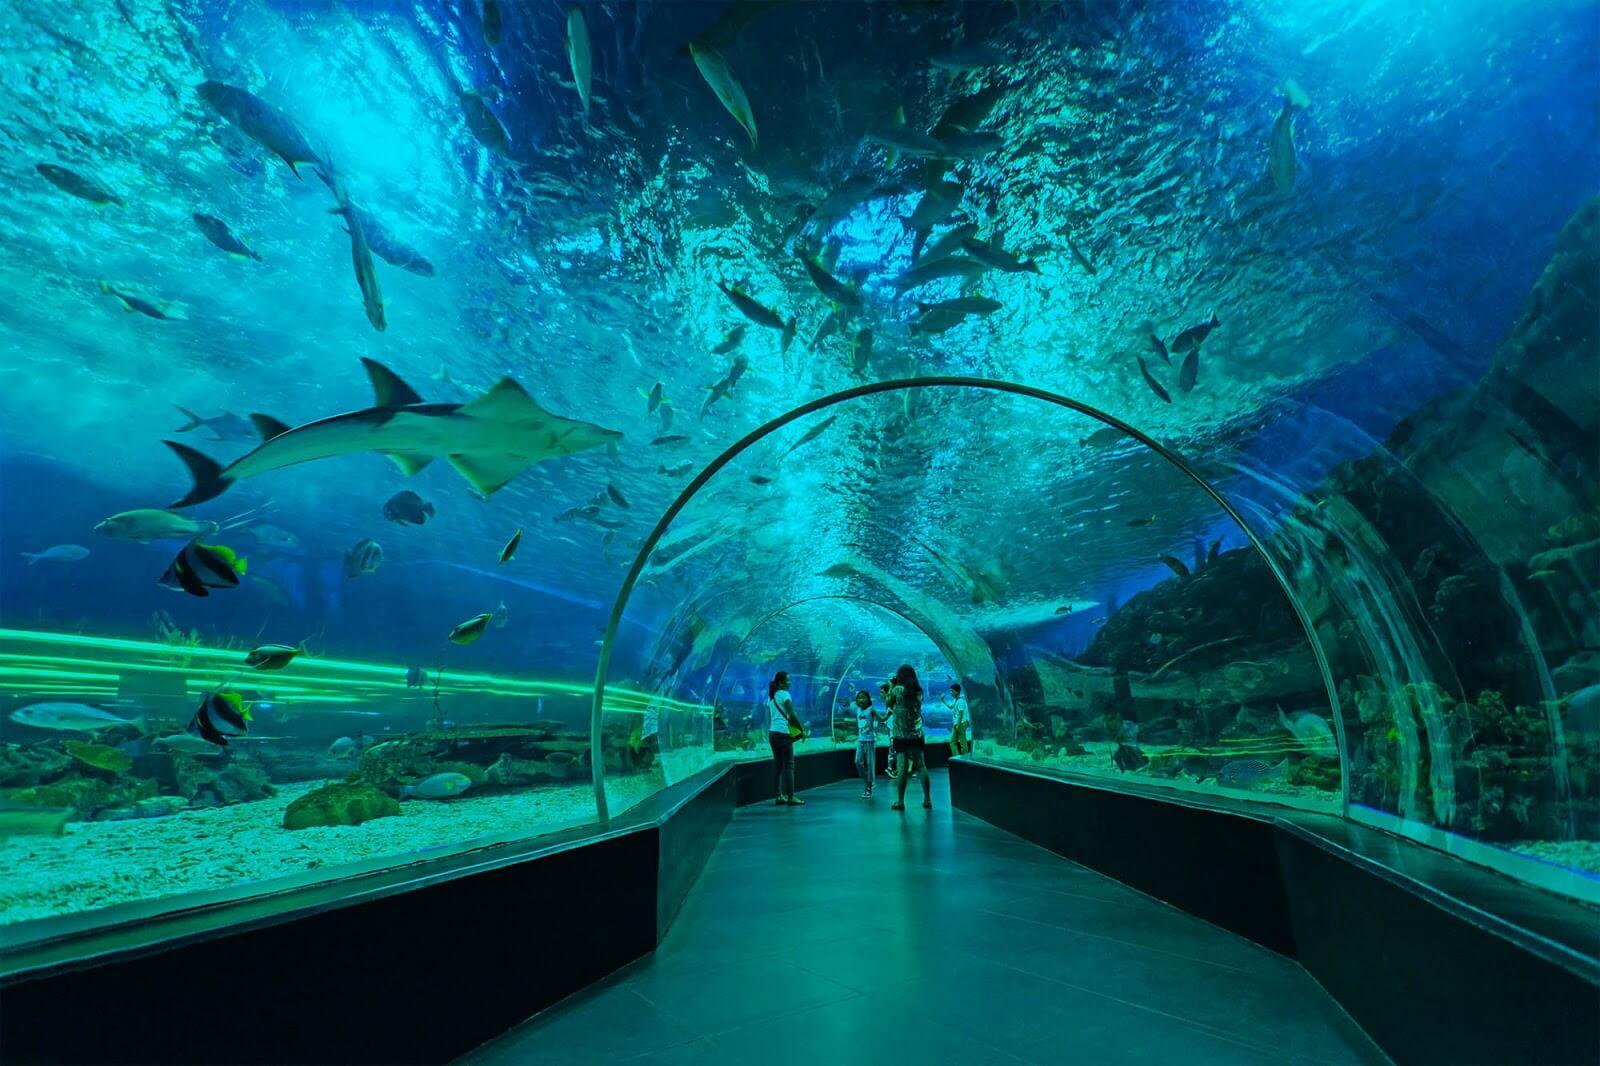 Dónde está Parque oceánico de Manila, Filipinas